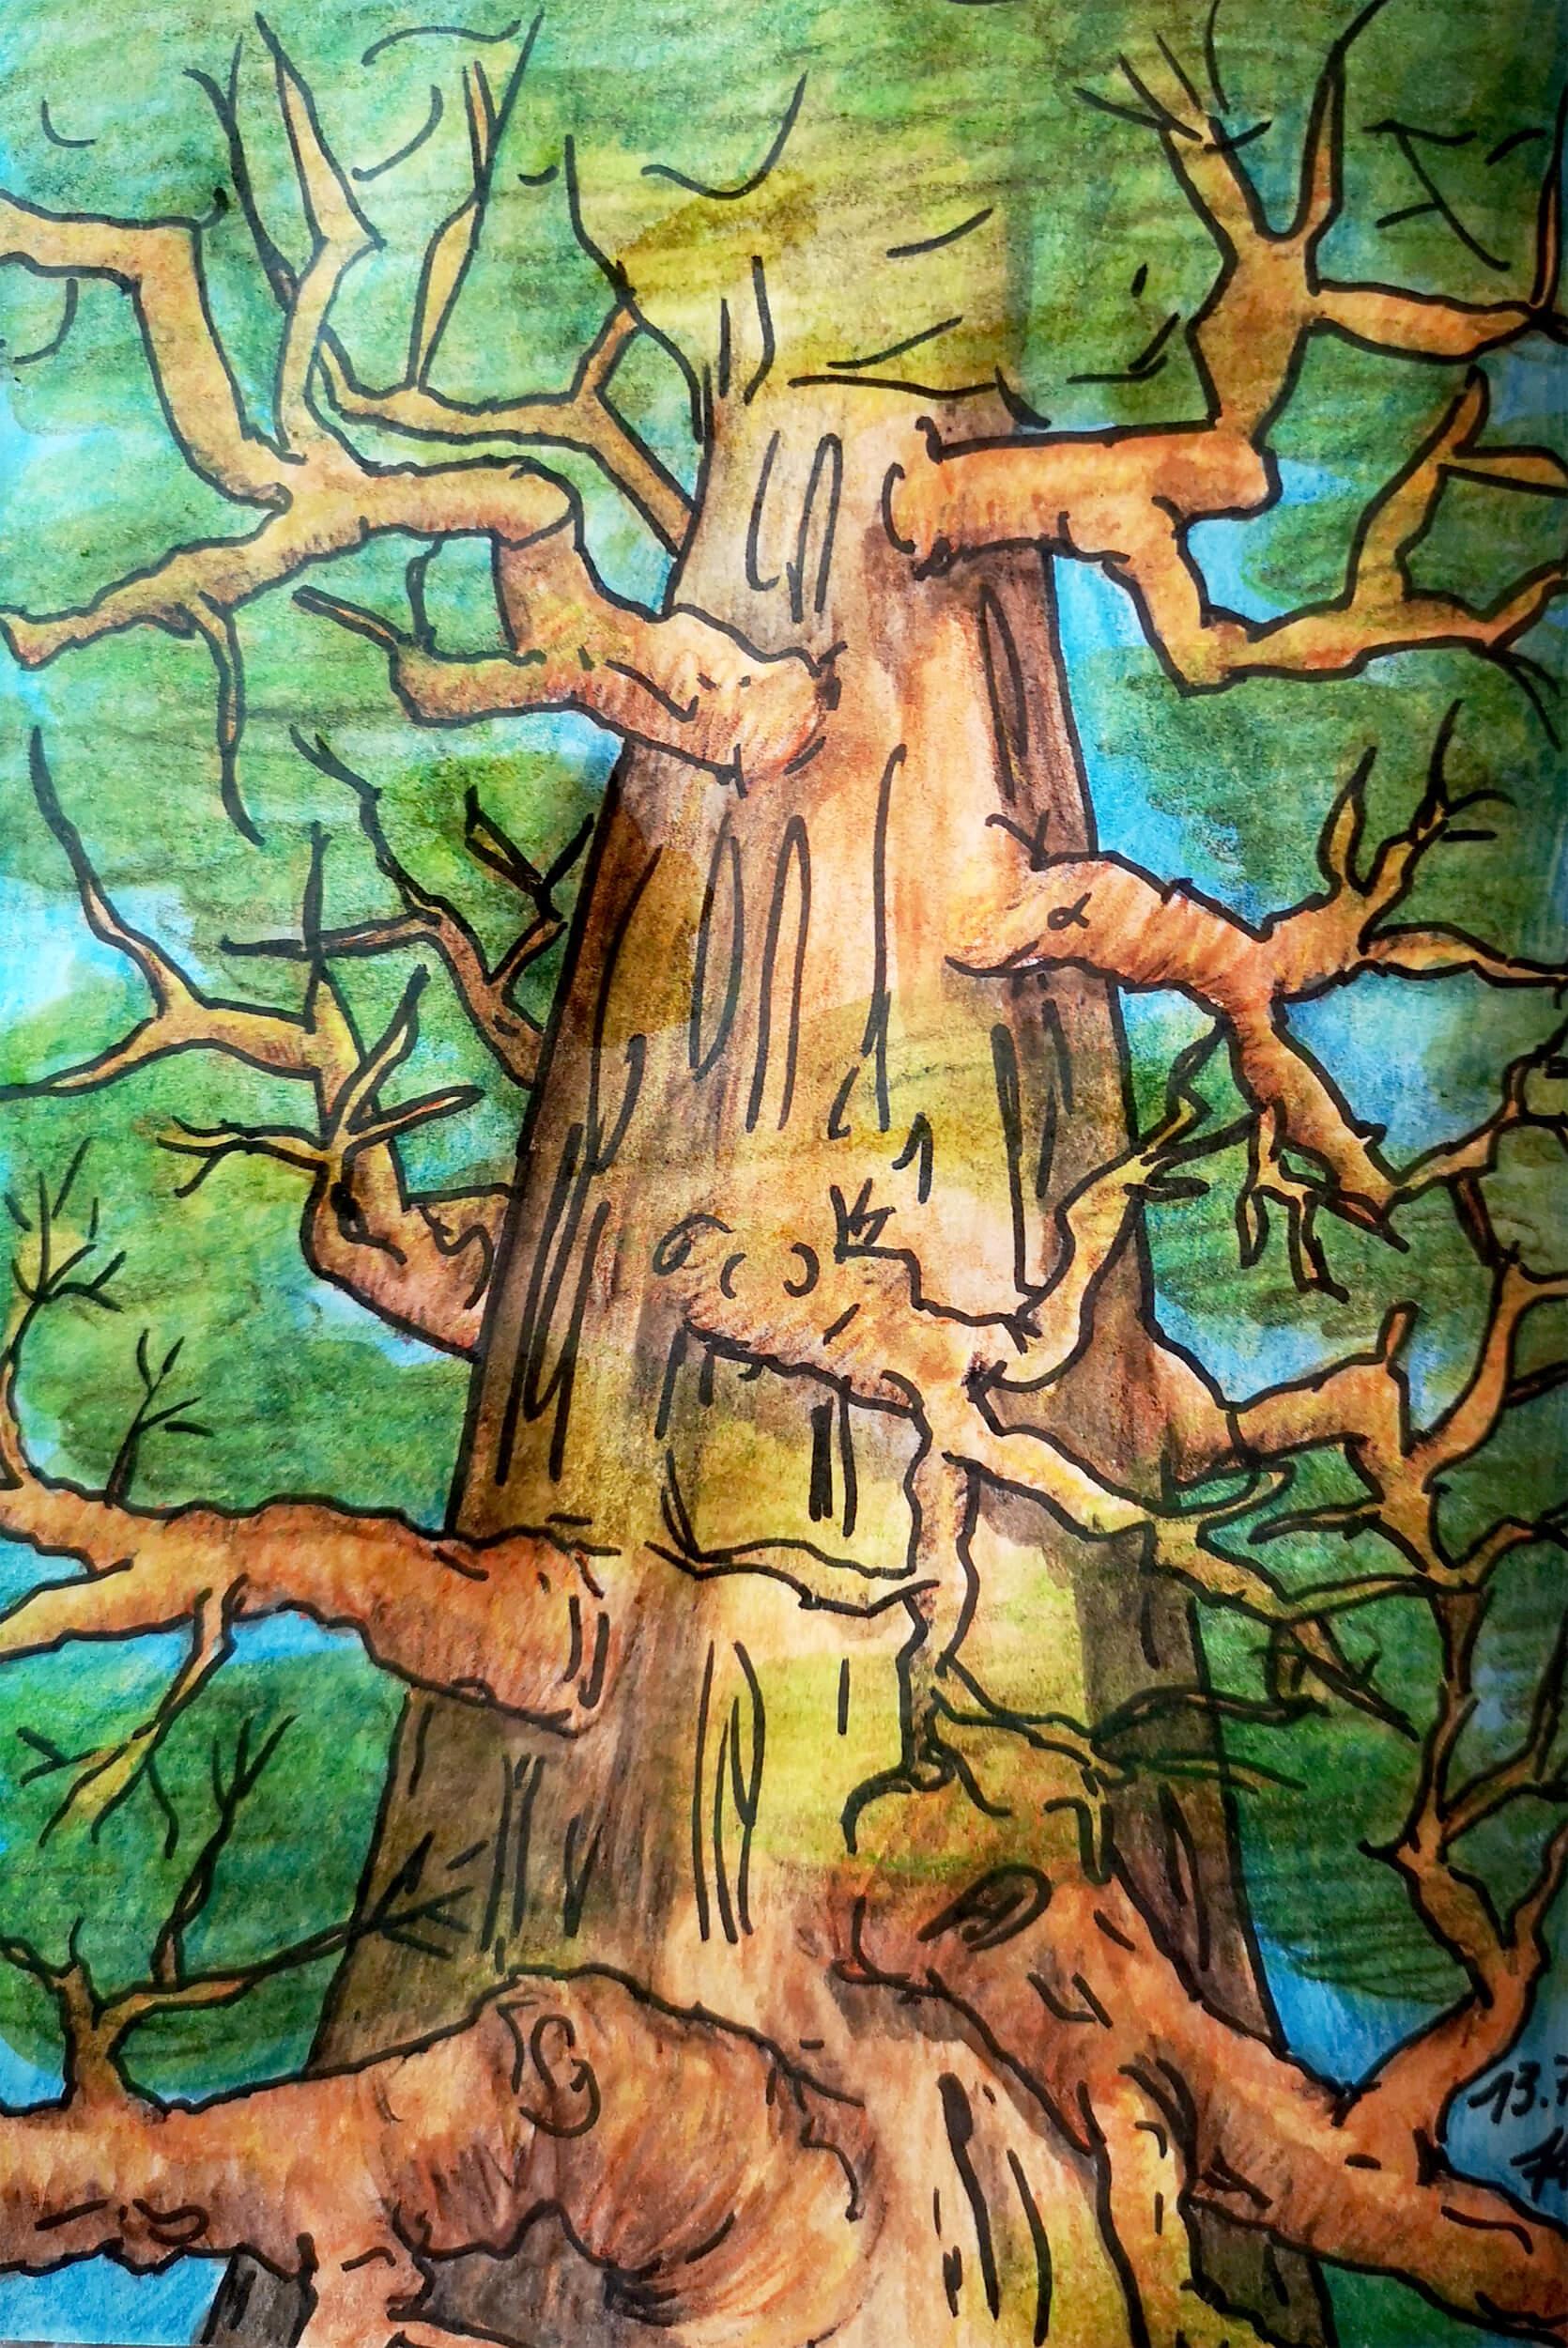 Mächtiger Baum aus der Untersichtperspektive